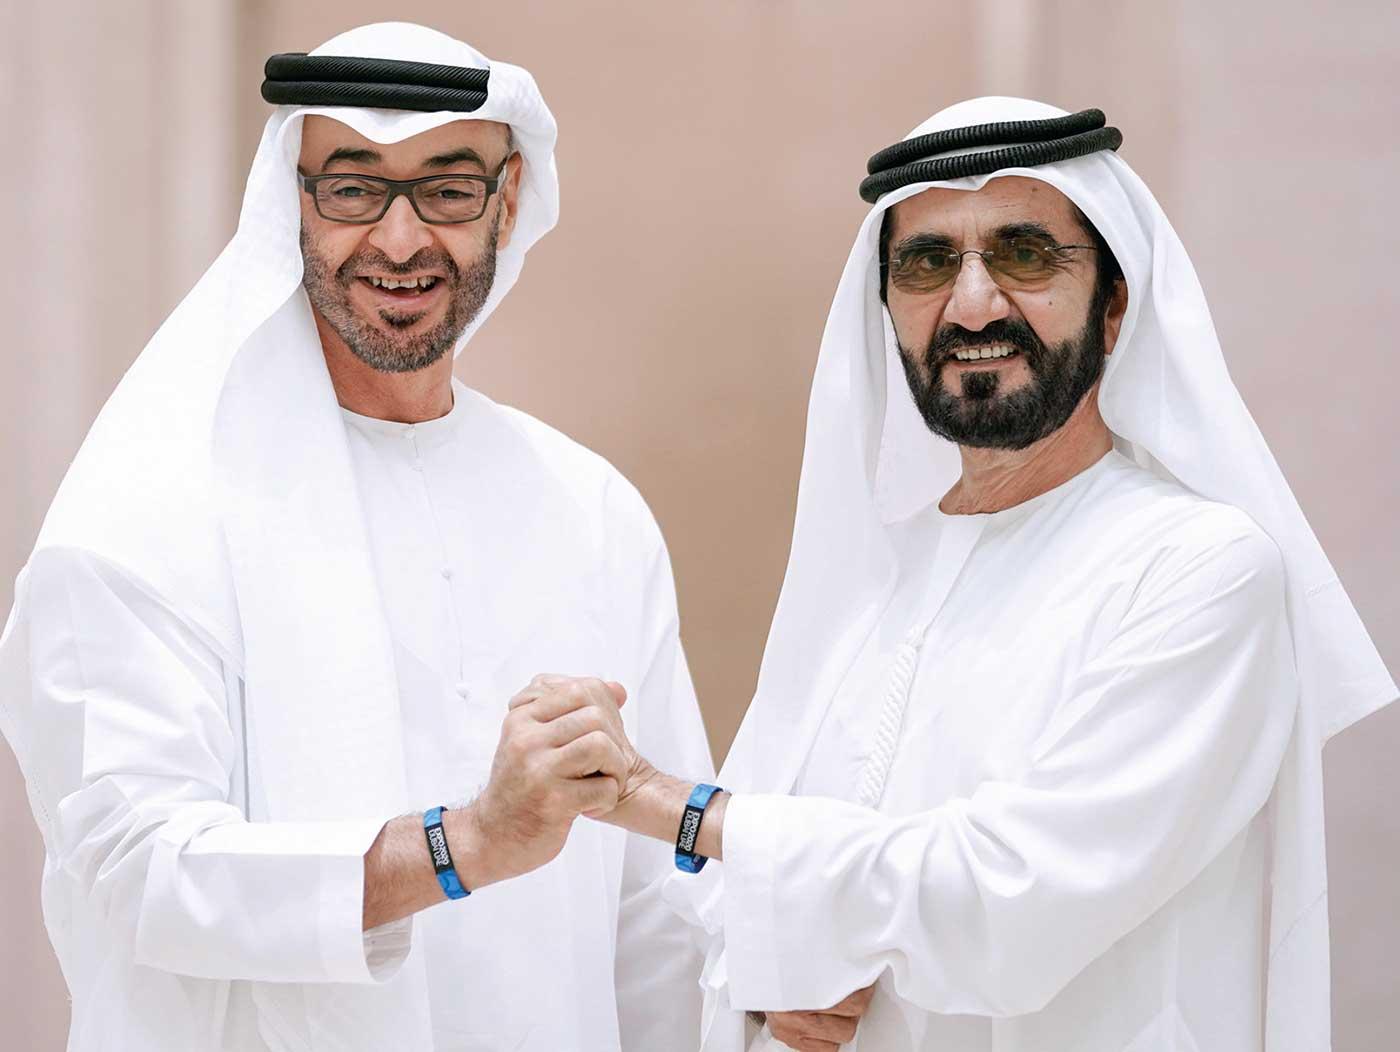 محمد بن زايد ومحمد بن راشد ، الدكتور يوسف خليفة اليوسف- قانون الجنسية